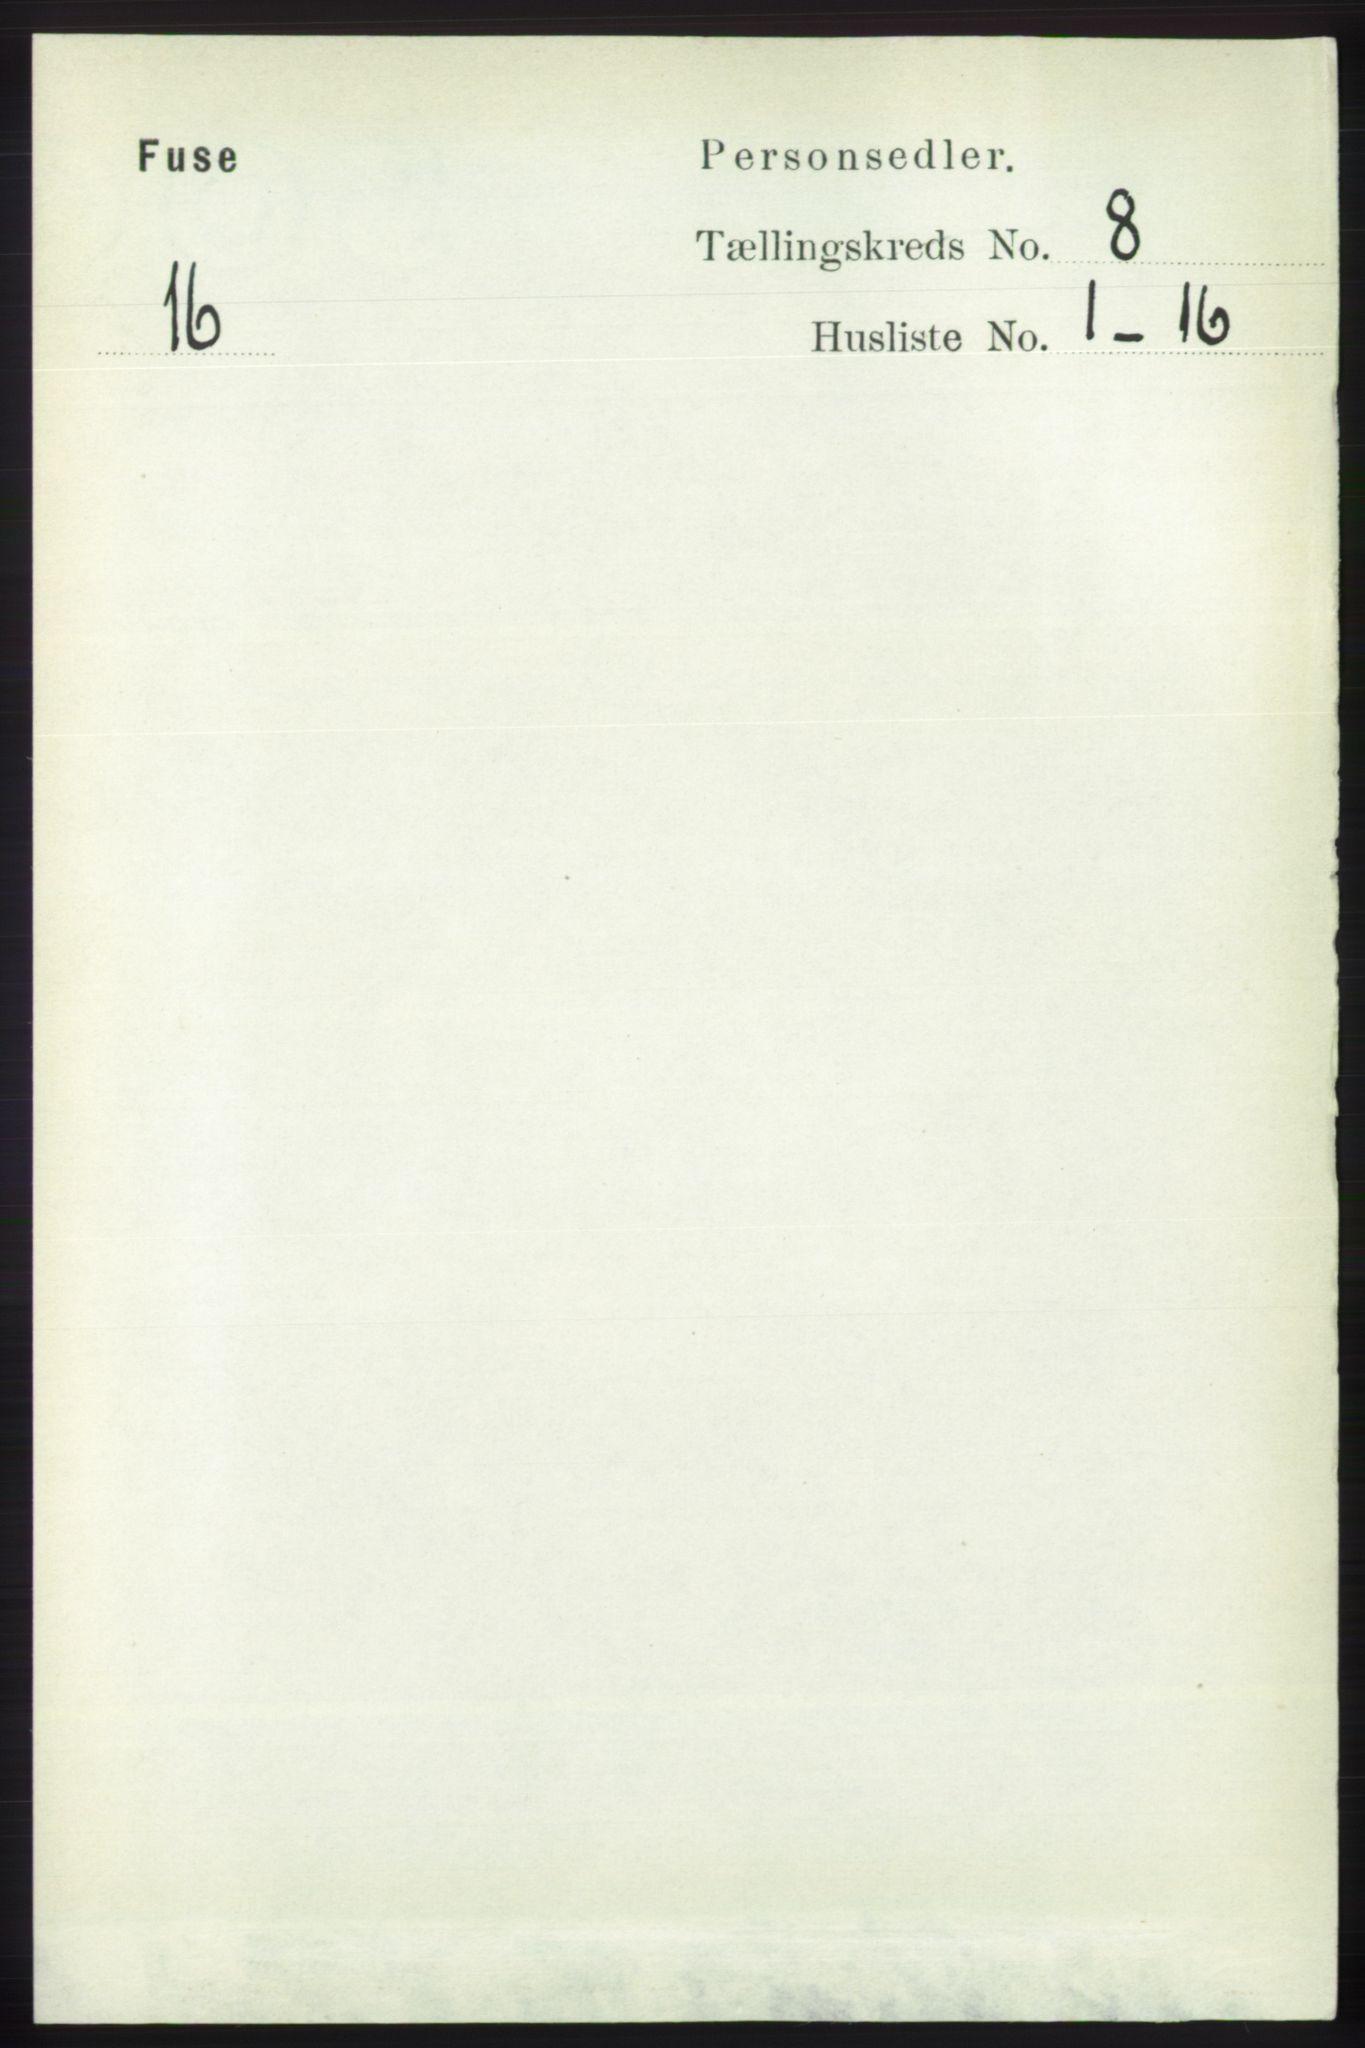 RA, Folketelling 1891 for 1241 Fusa herred, 1891, s. 1560